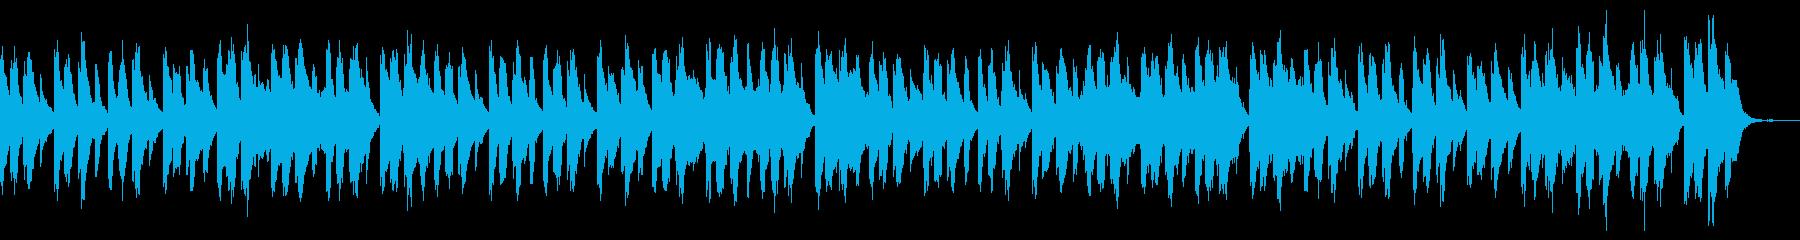 怖い雰囲気のピアノの曲の再生済みの波形